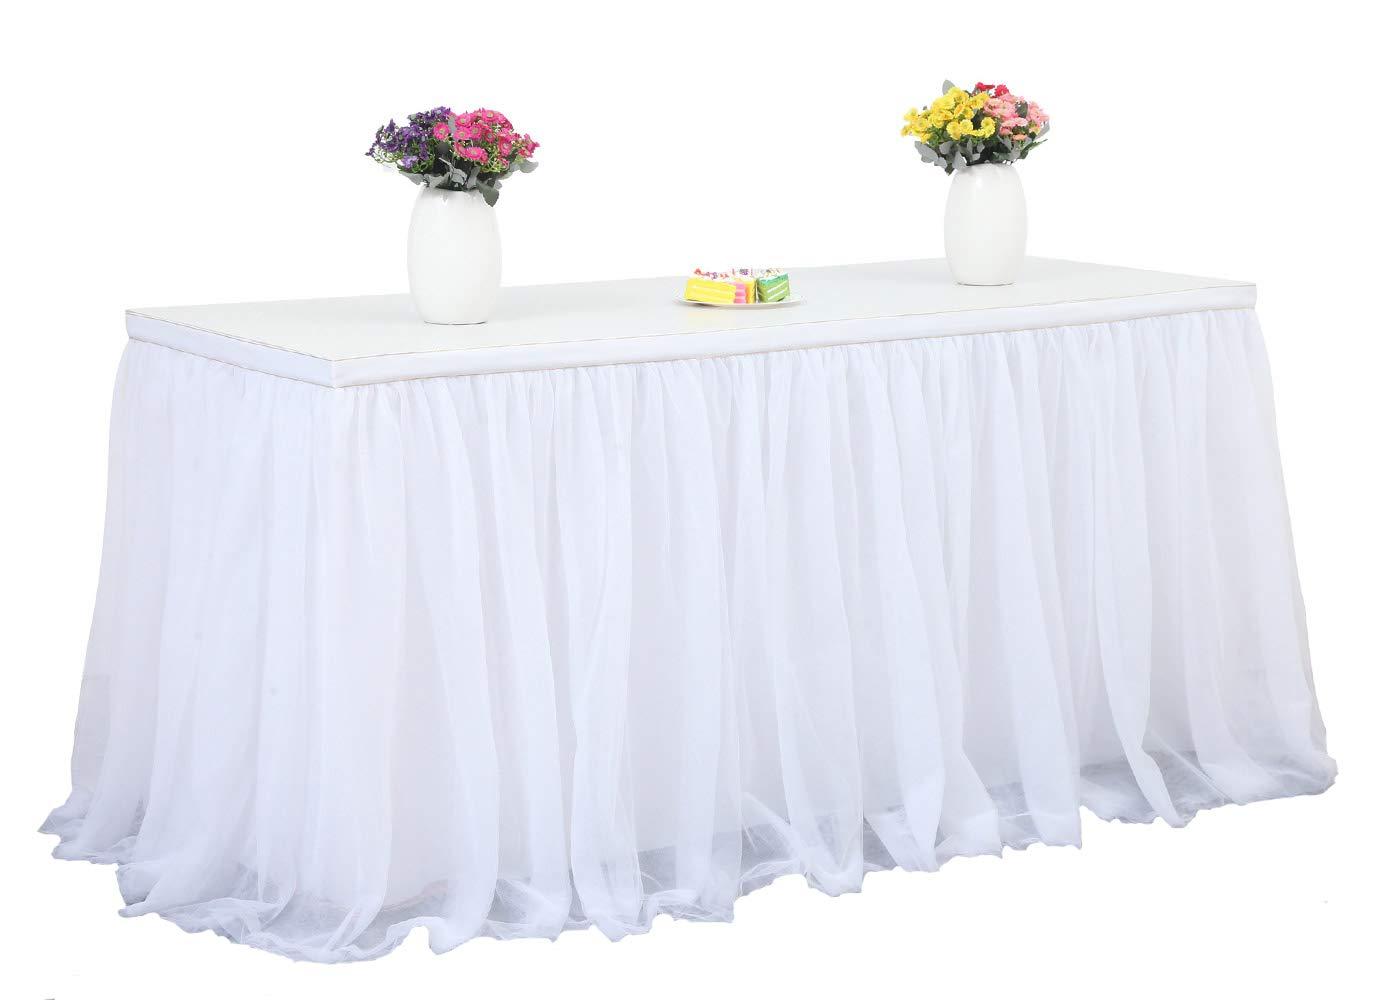 HBBMagic 3 capas de malla mullida tabla de tutú falda de vajilla de tul para la fiesta de bodas de cumpleaños Decoración para el hogar (425cm x 76cm, rosado)